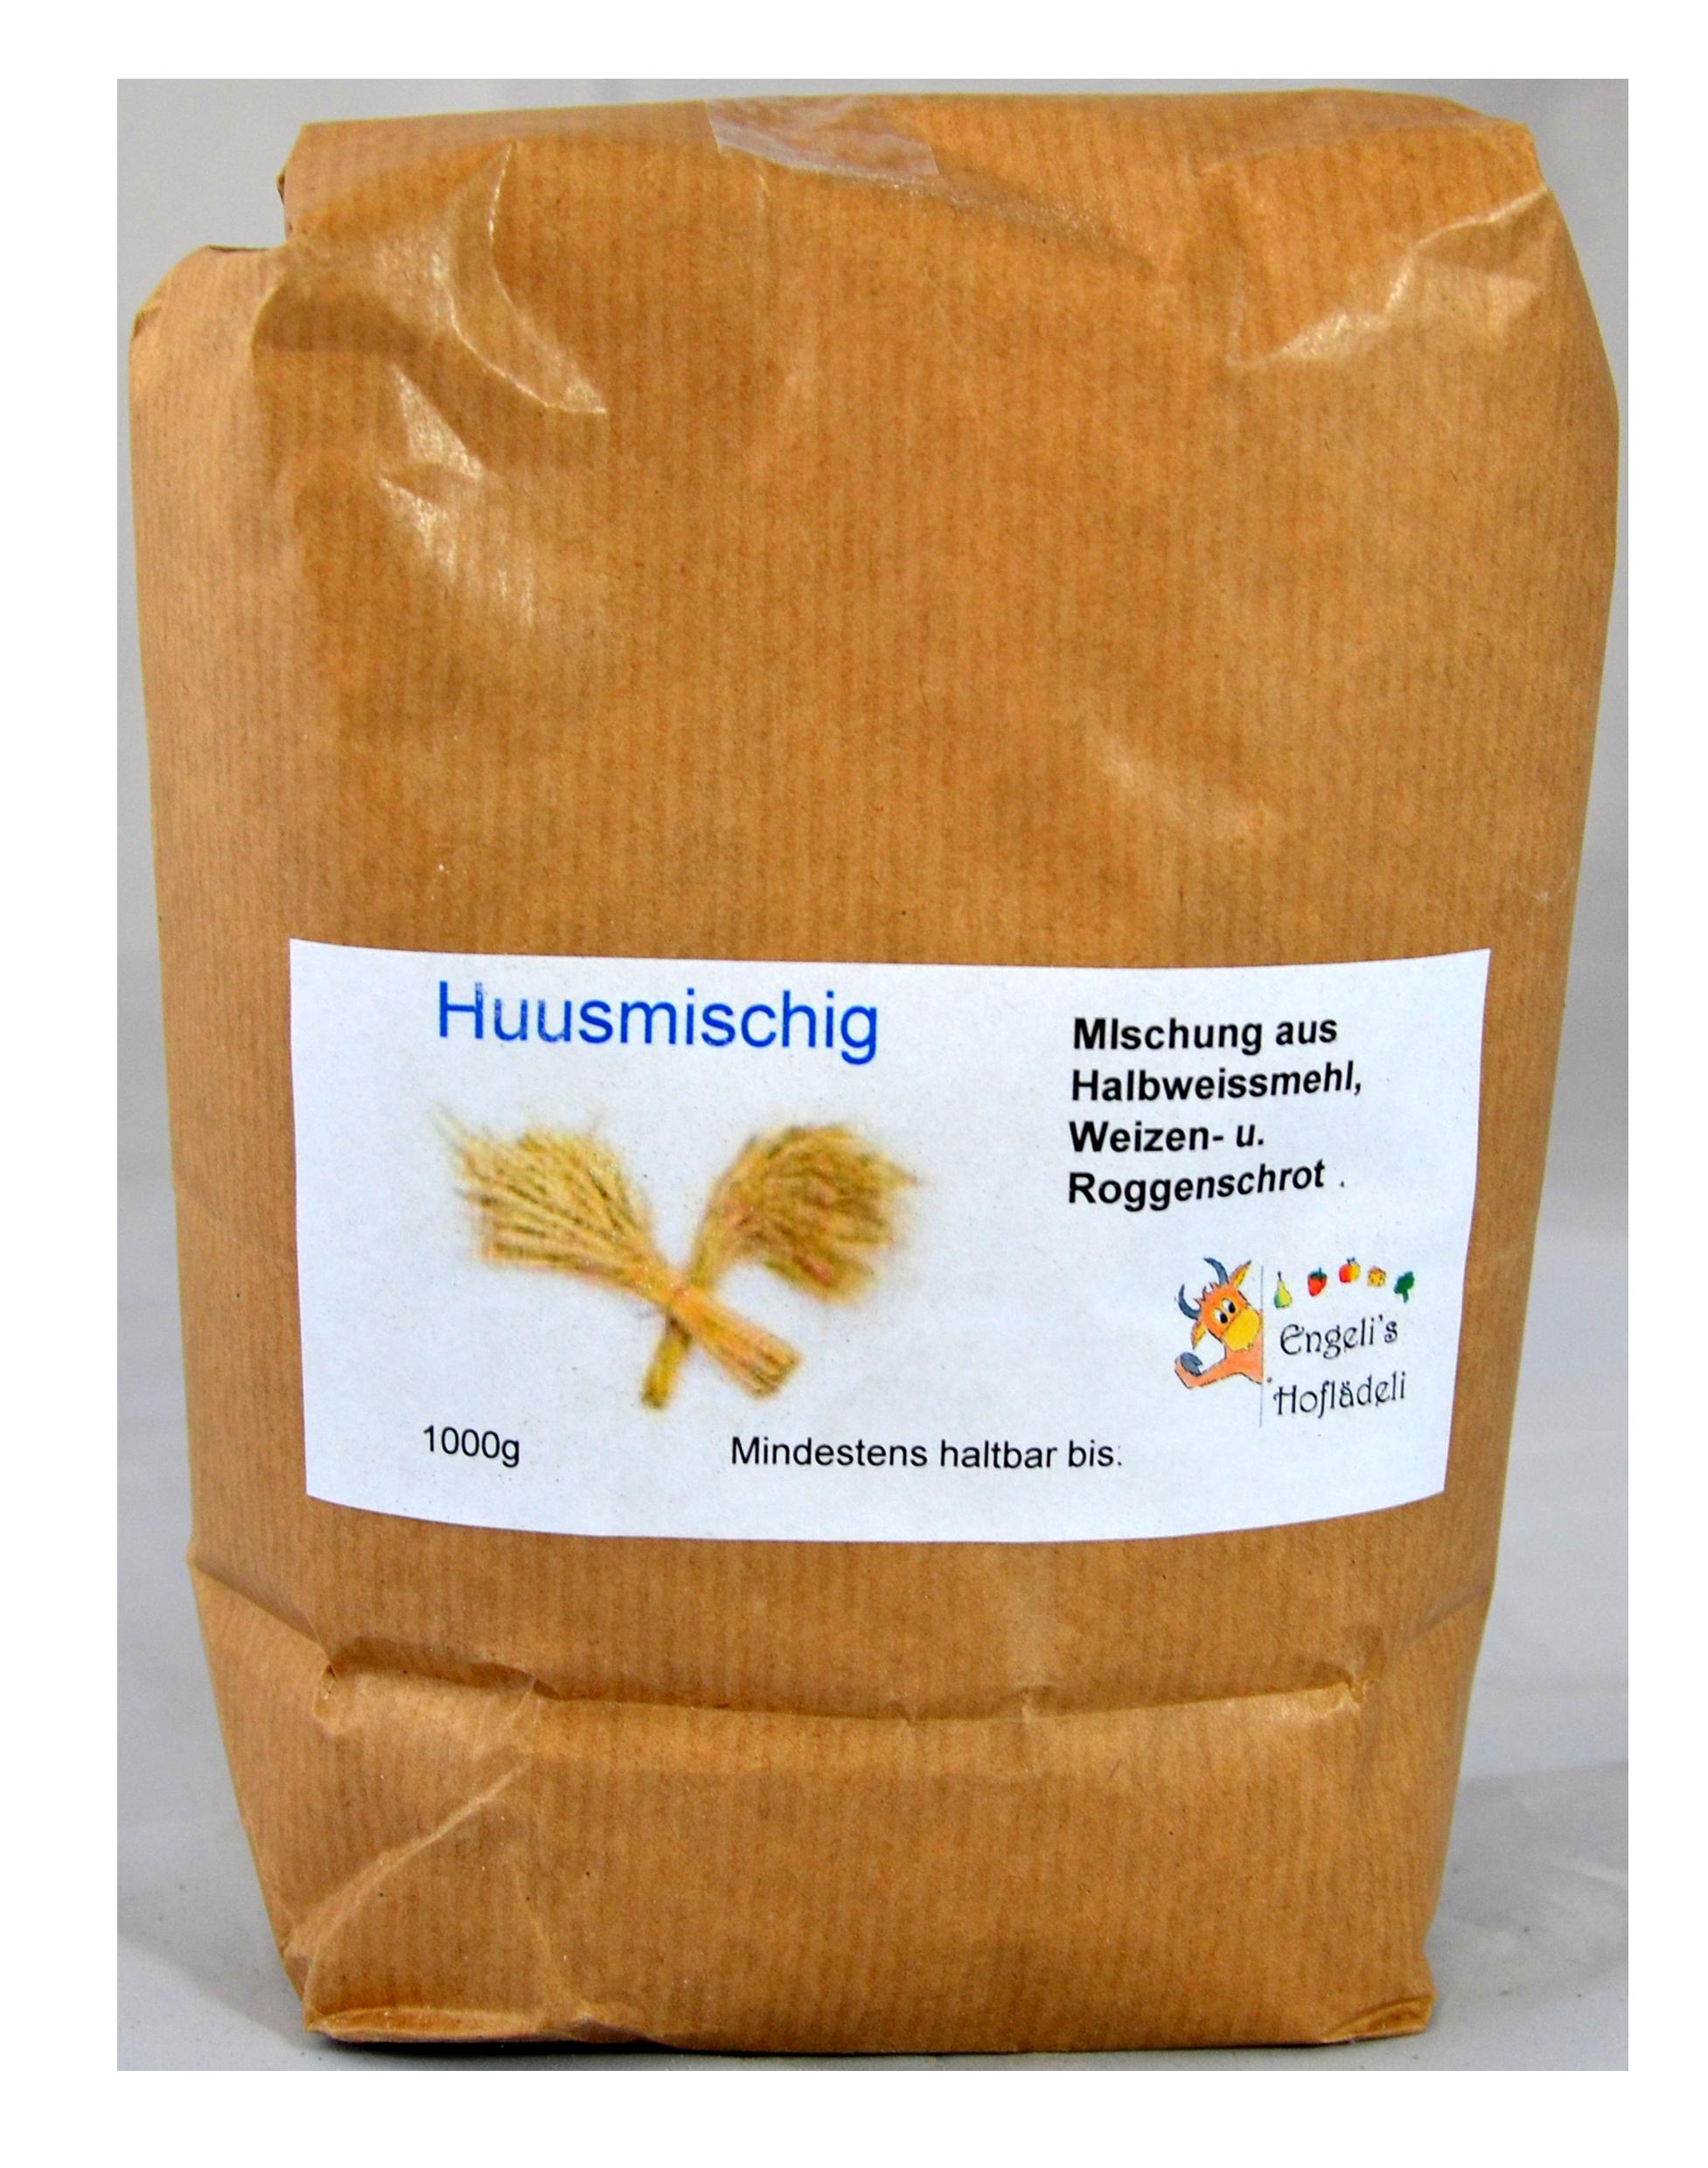 Huusmischig-Mehl 1 Kg - Engelis Hoflädeli